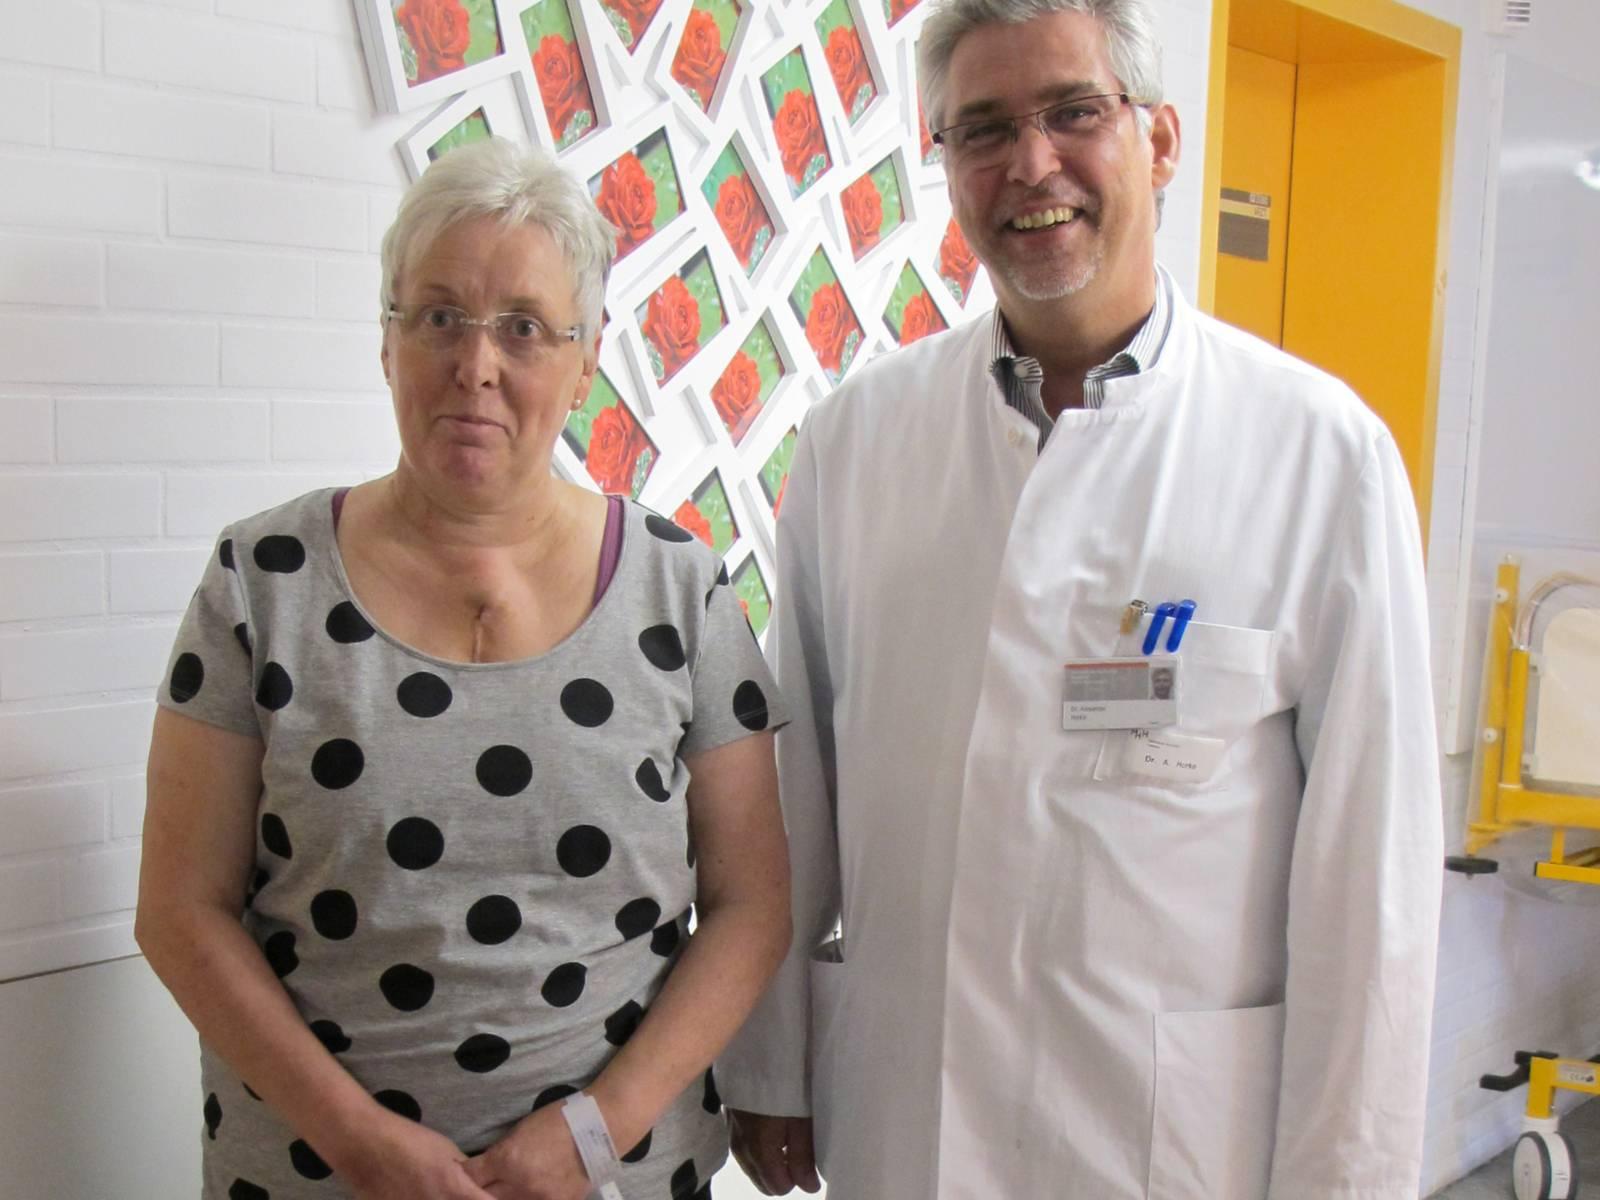 Ein Mann in weißem Kittel und eine Frau stehen in einem Krankenhausflur